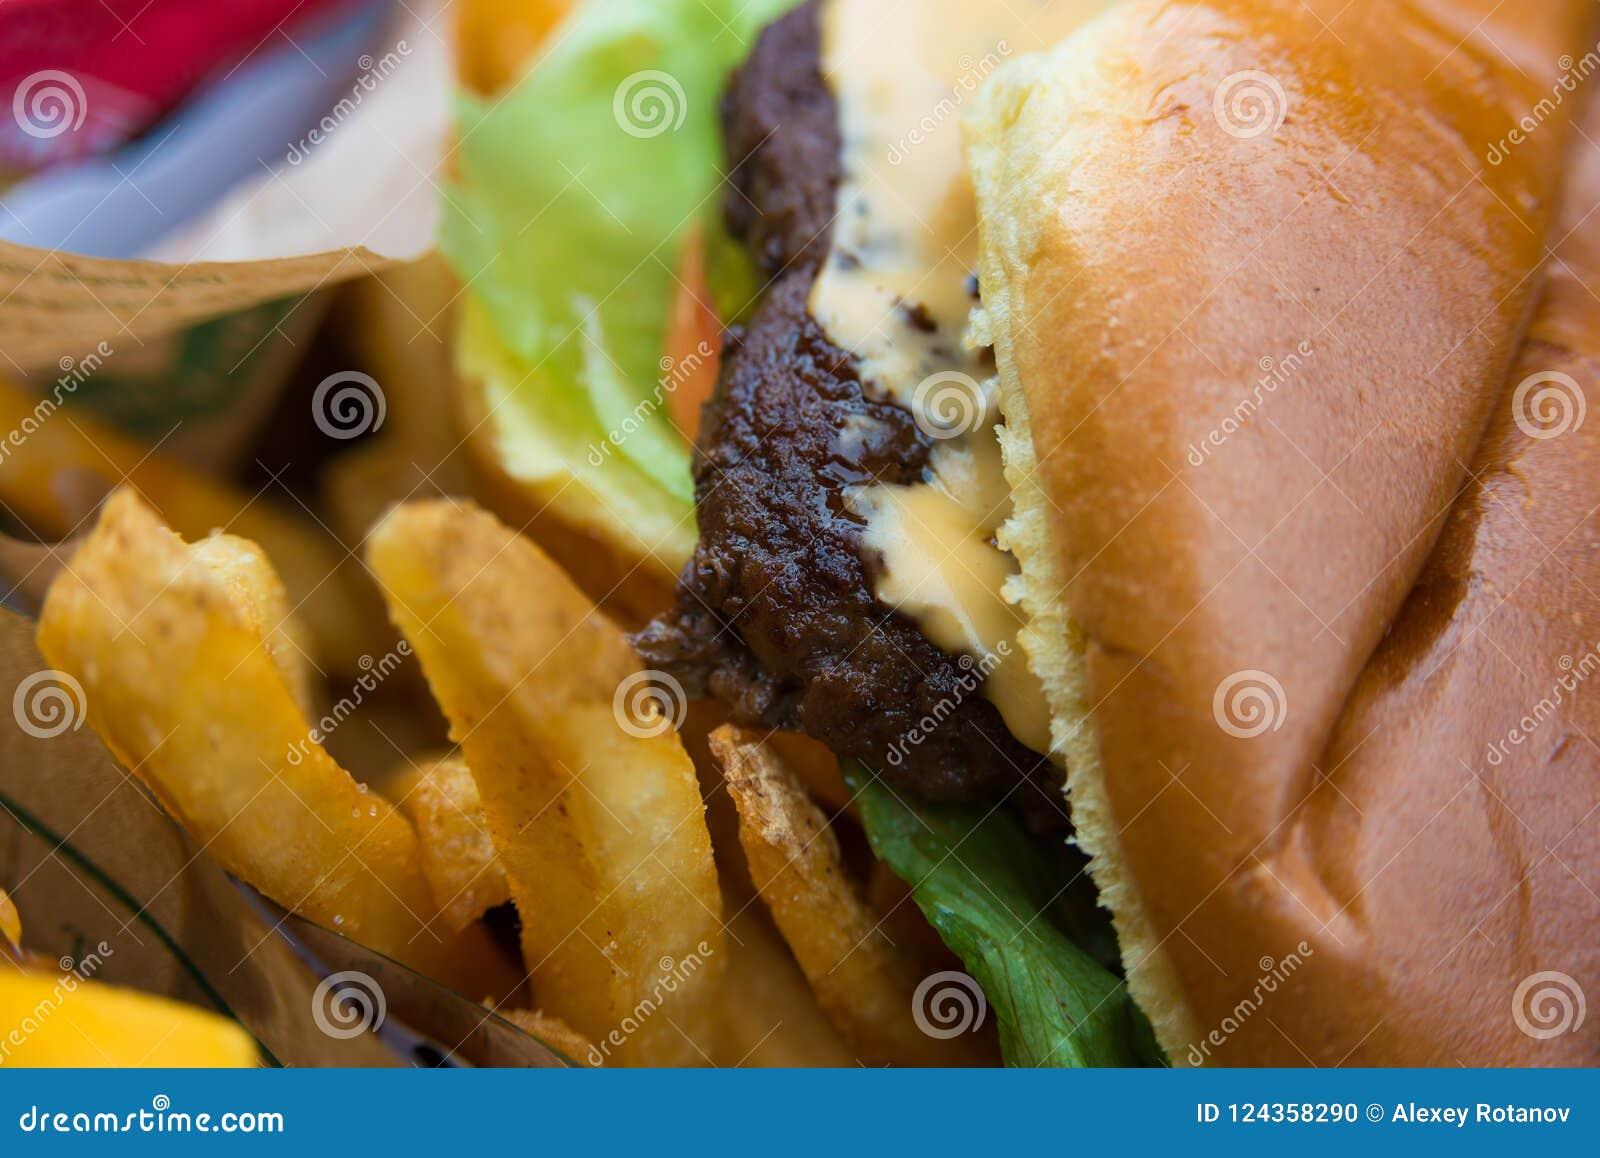 Köstlicher neuer Burgerabschluß oben Selektiver Fokus mit flacher Schärfentiefe